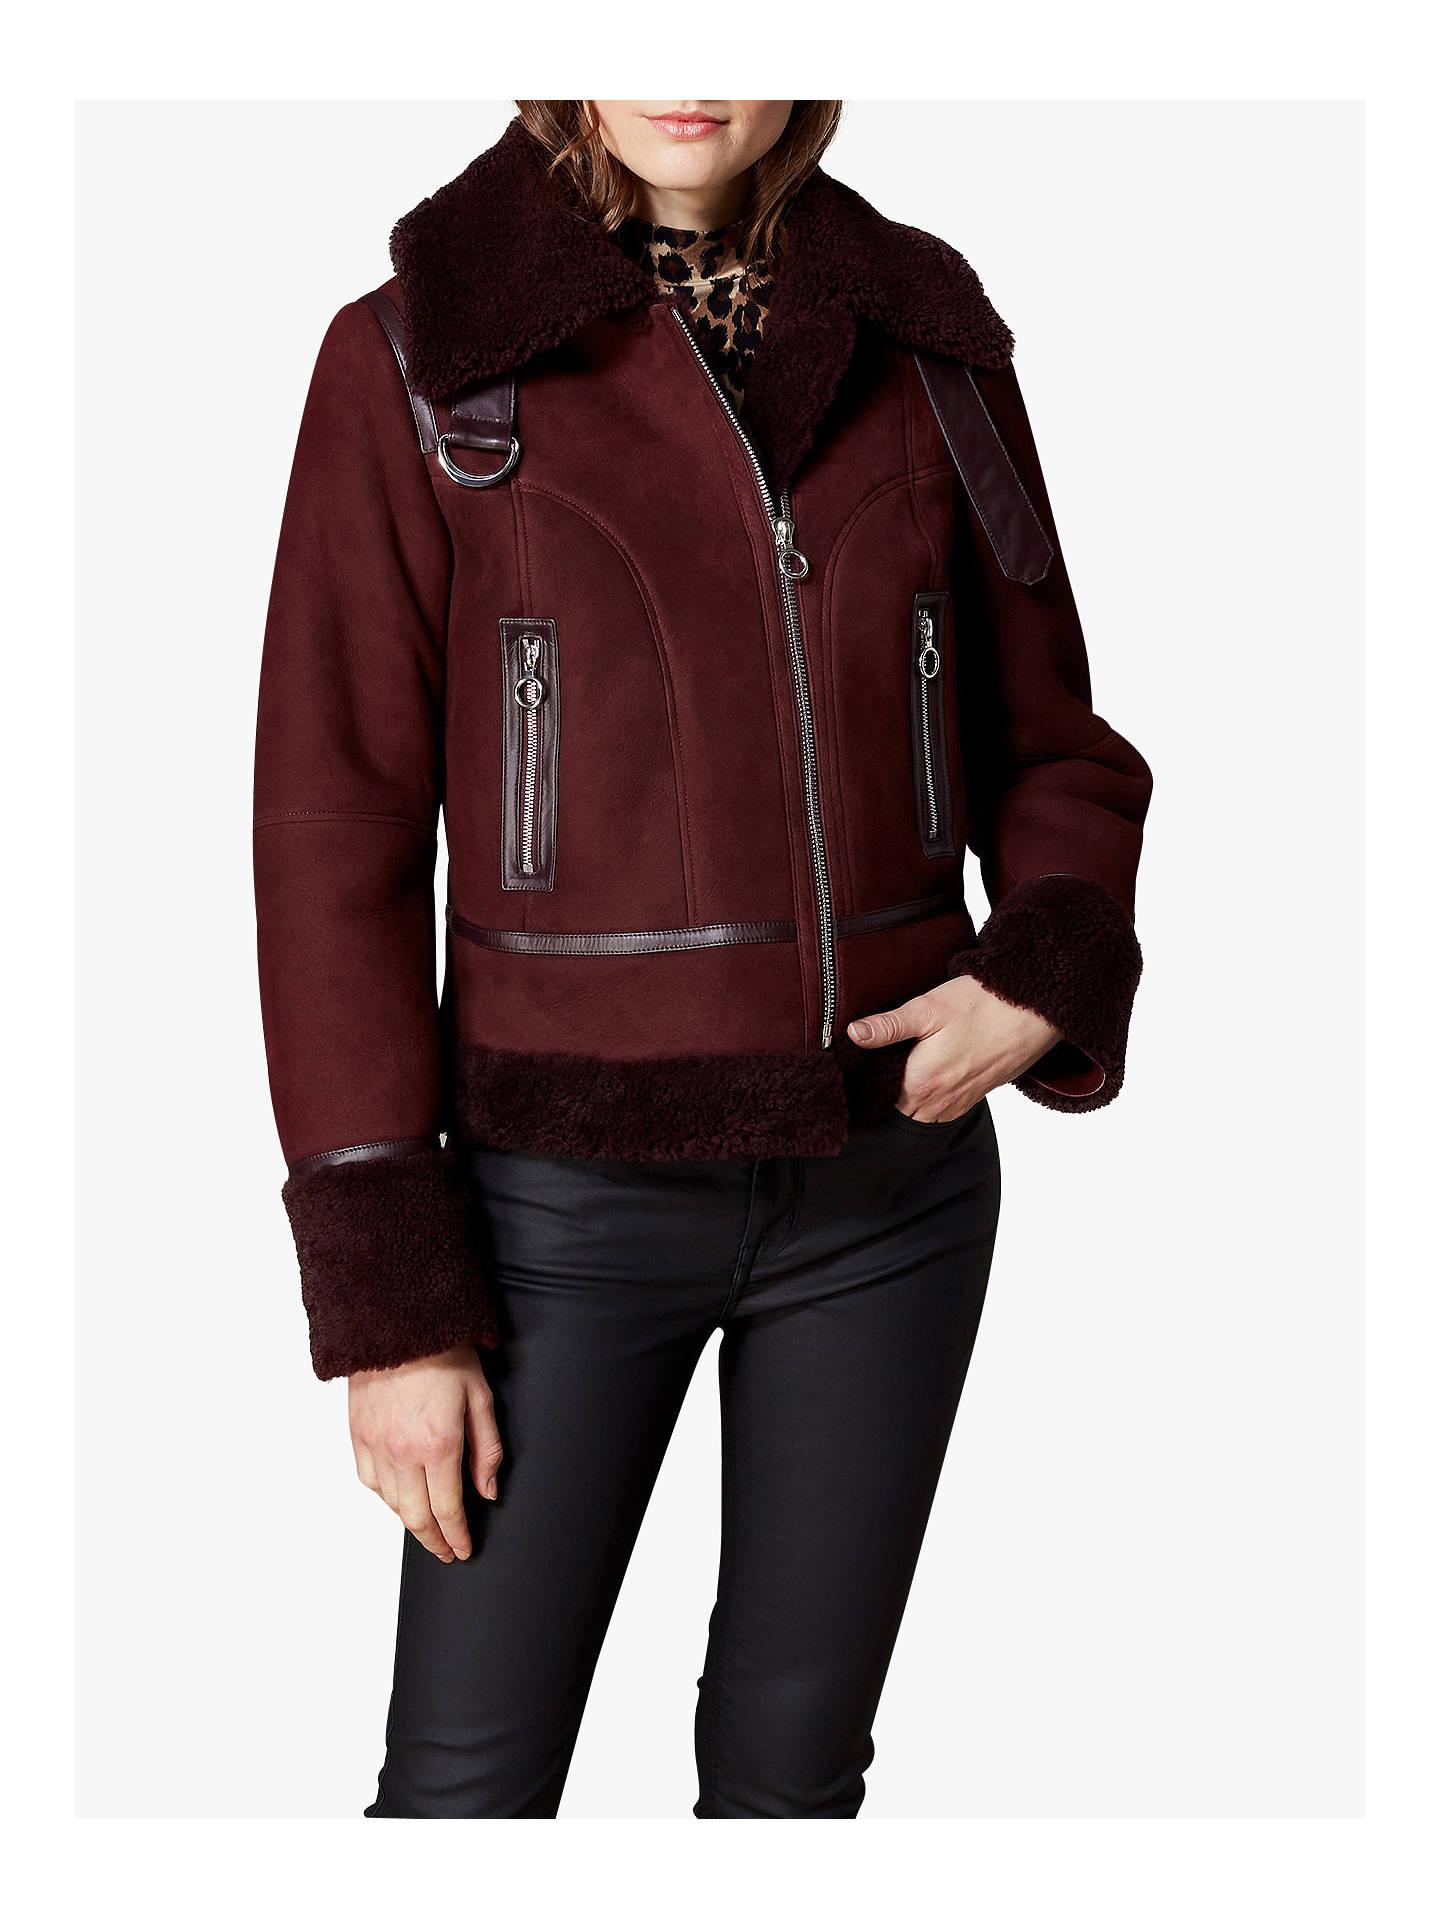 d23d203329 Buy Karen Millen Sheepskin Aviator Coat, Burgundy, 6 Online at  johnlewis.com ...